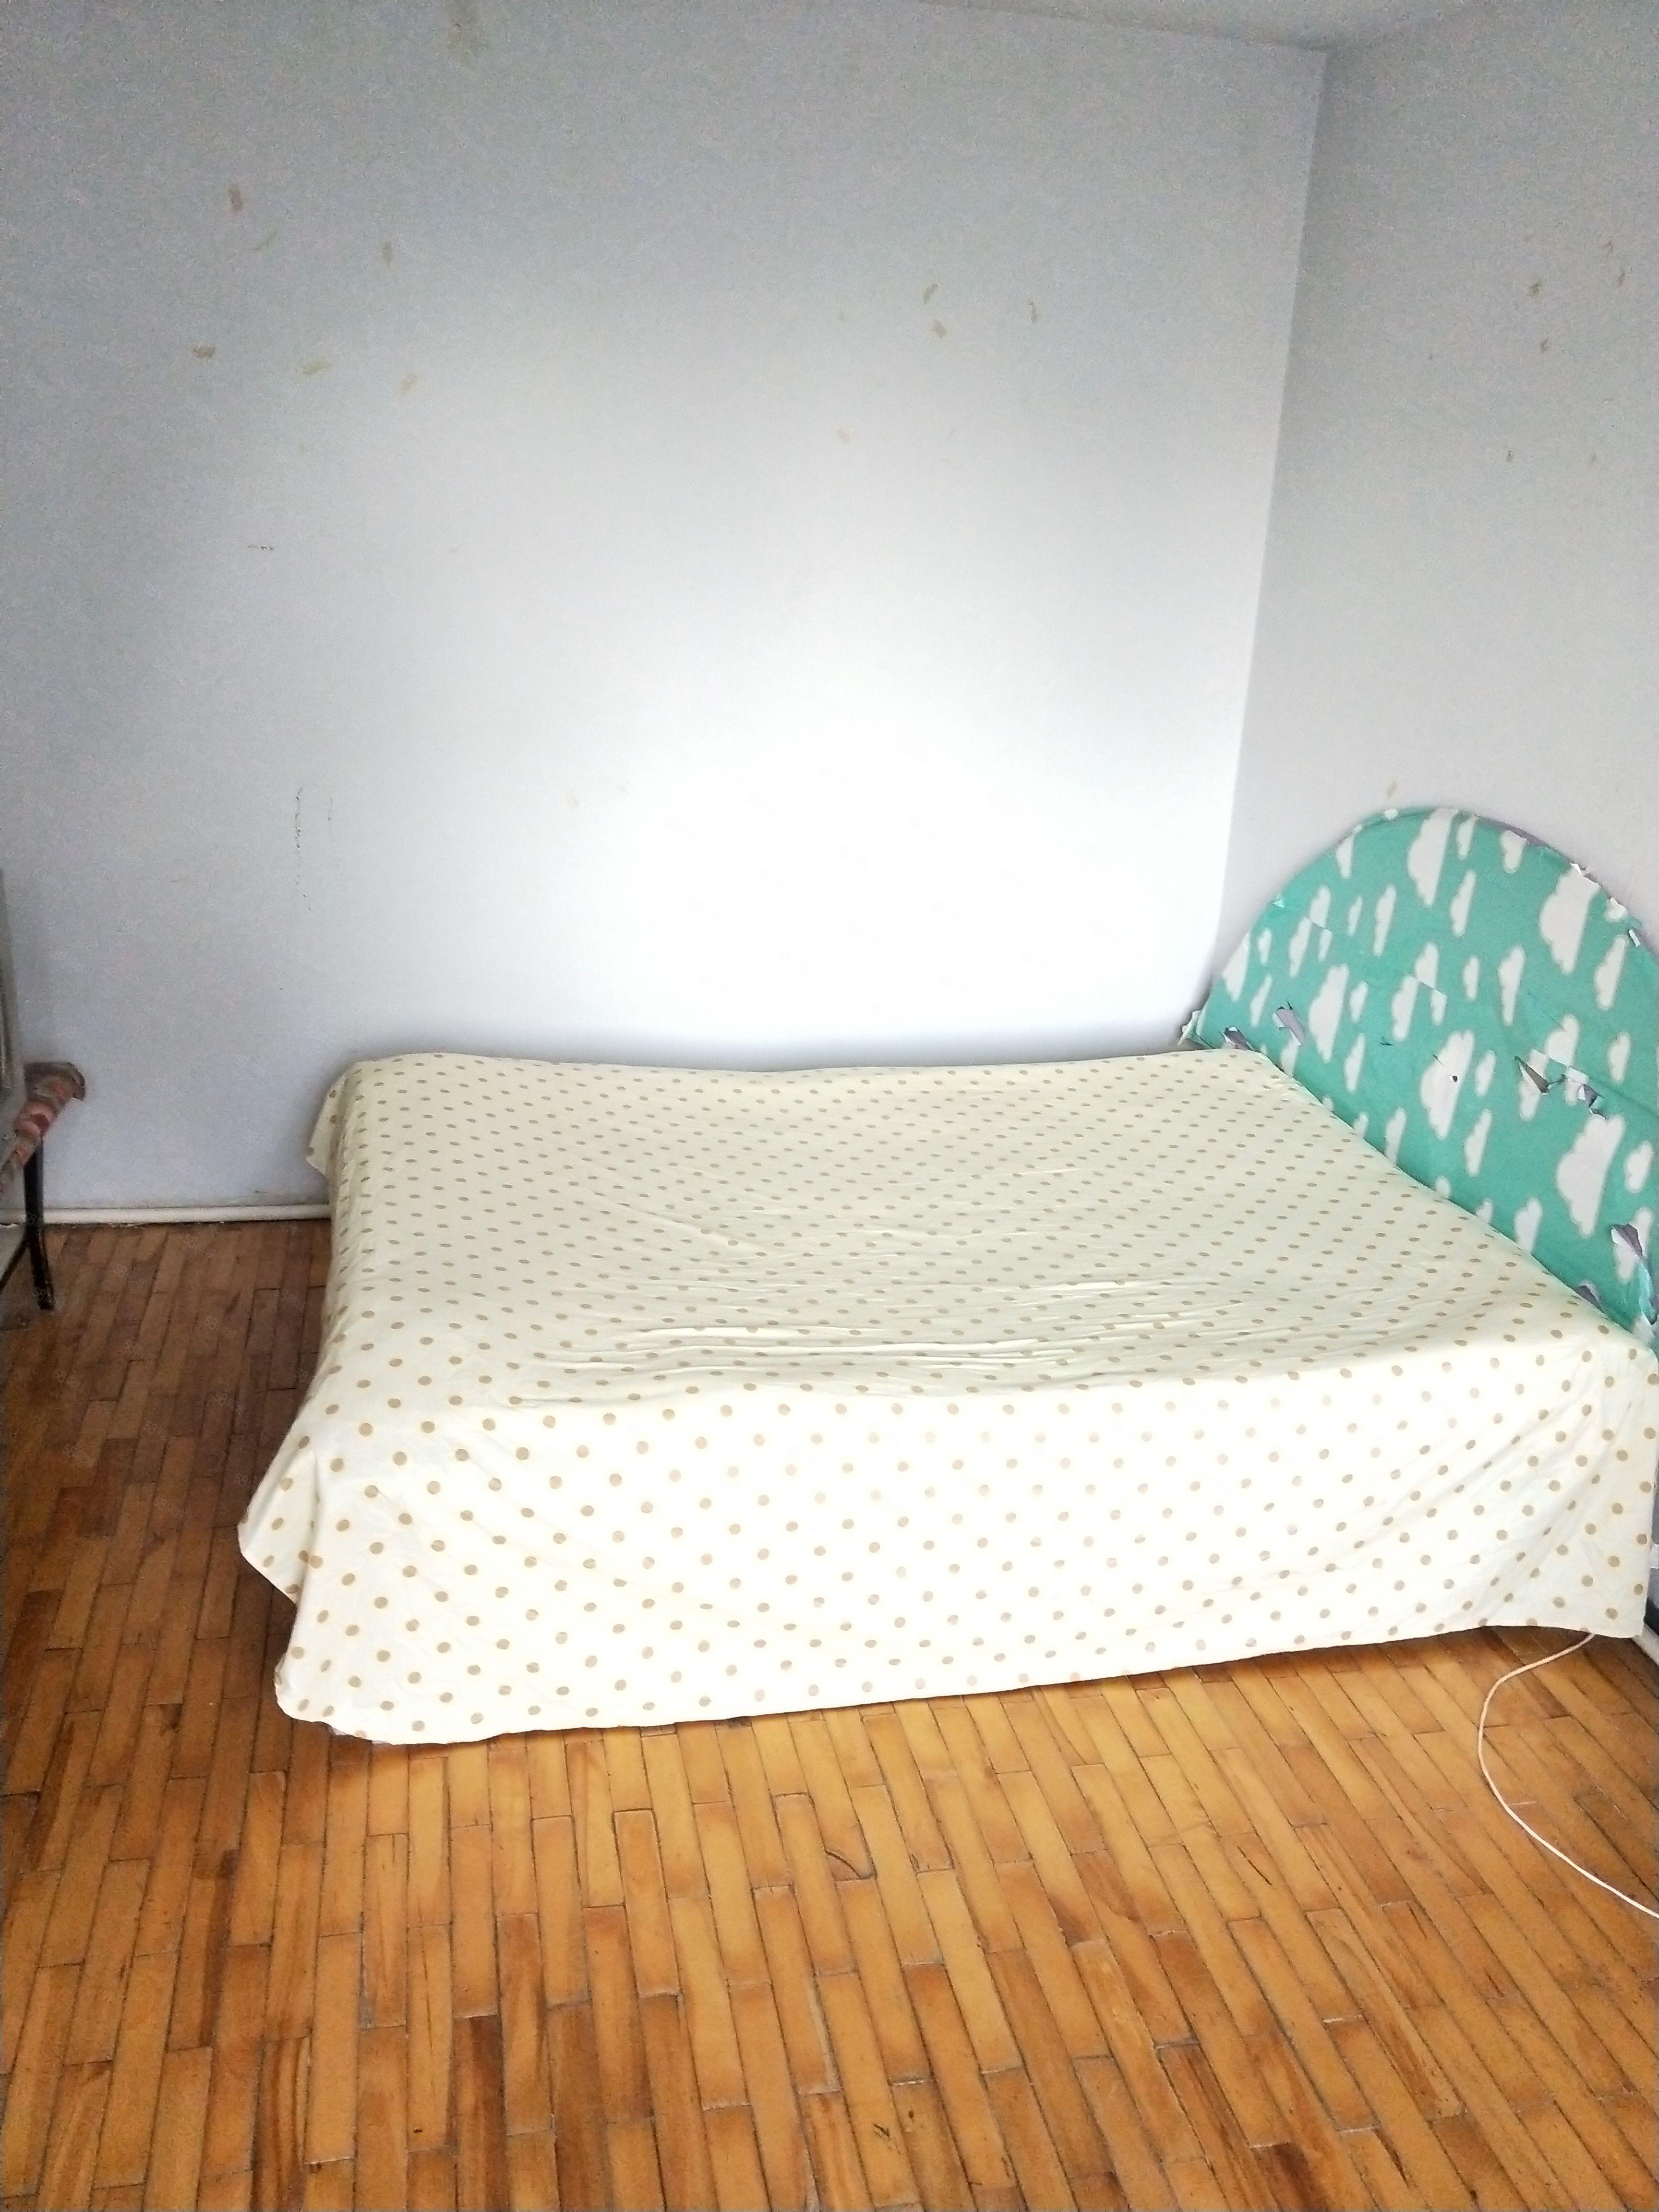 延安路铁翼源旁边锦铁一街干净一室出租